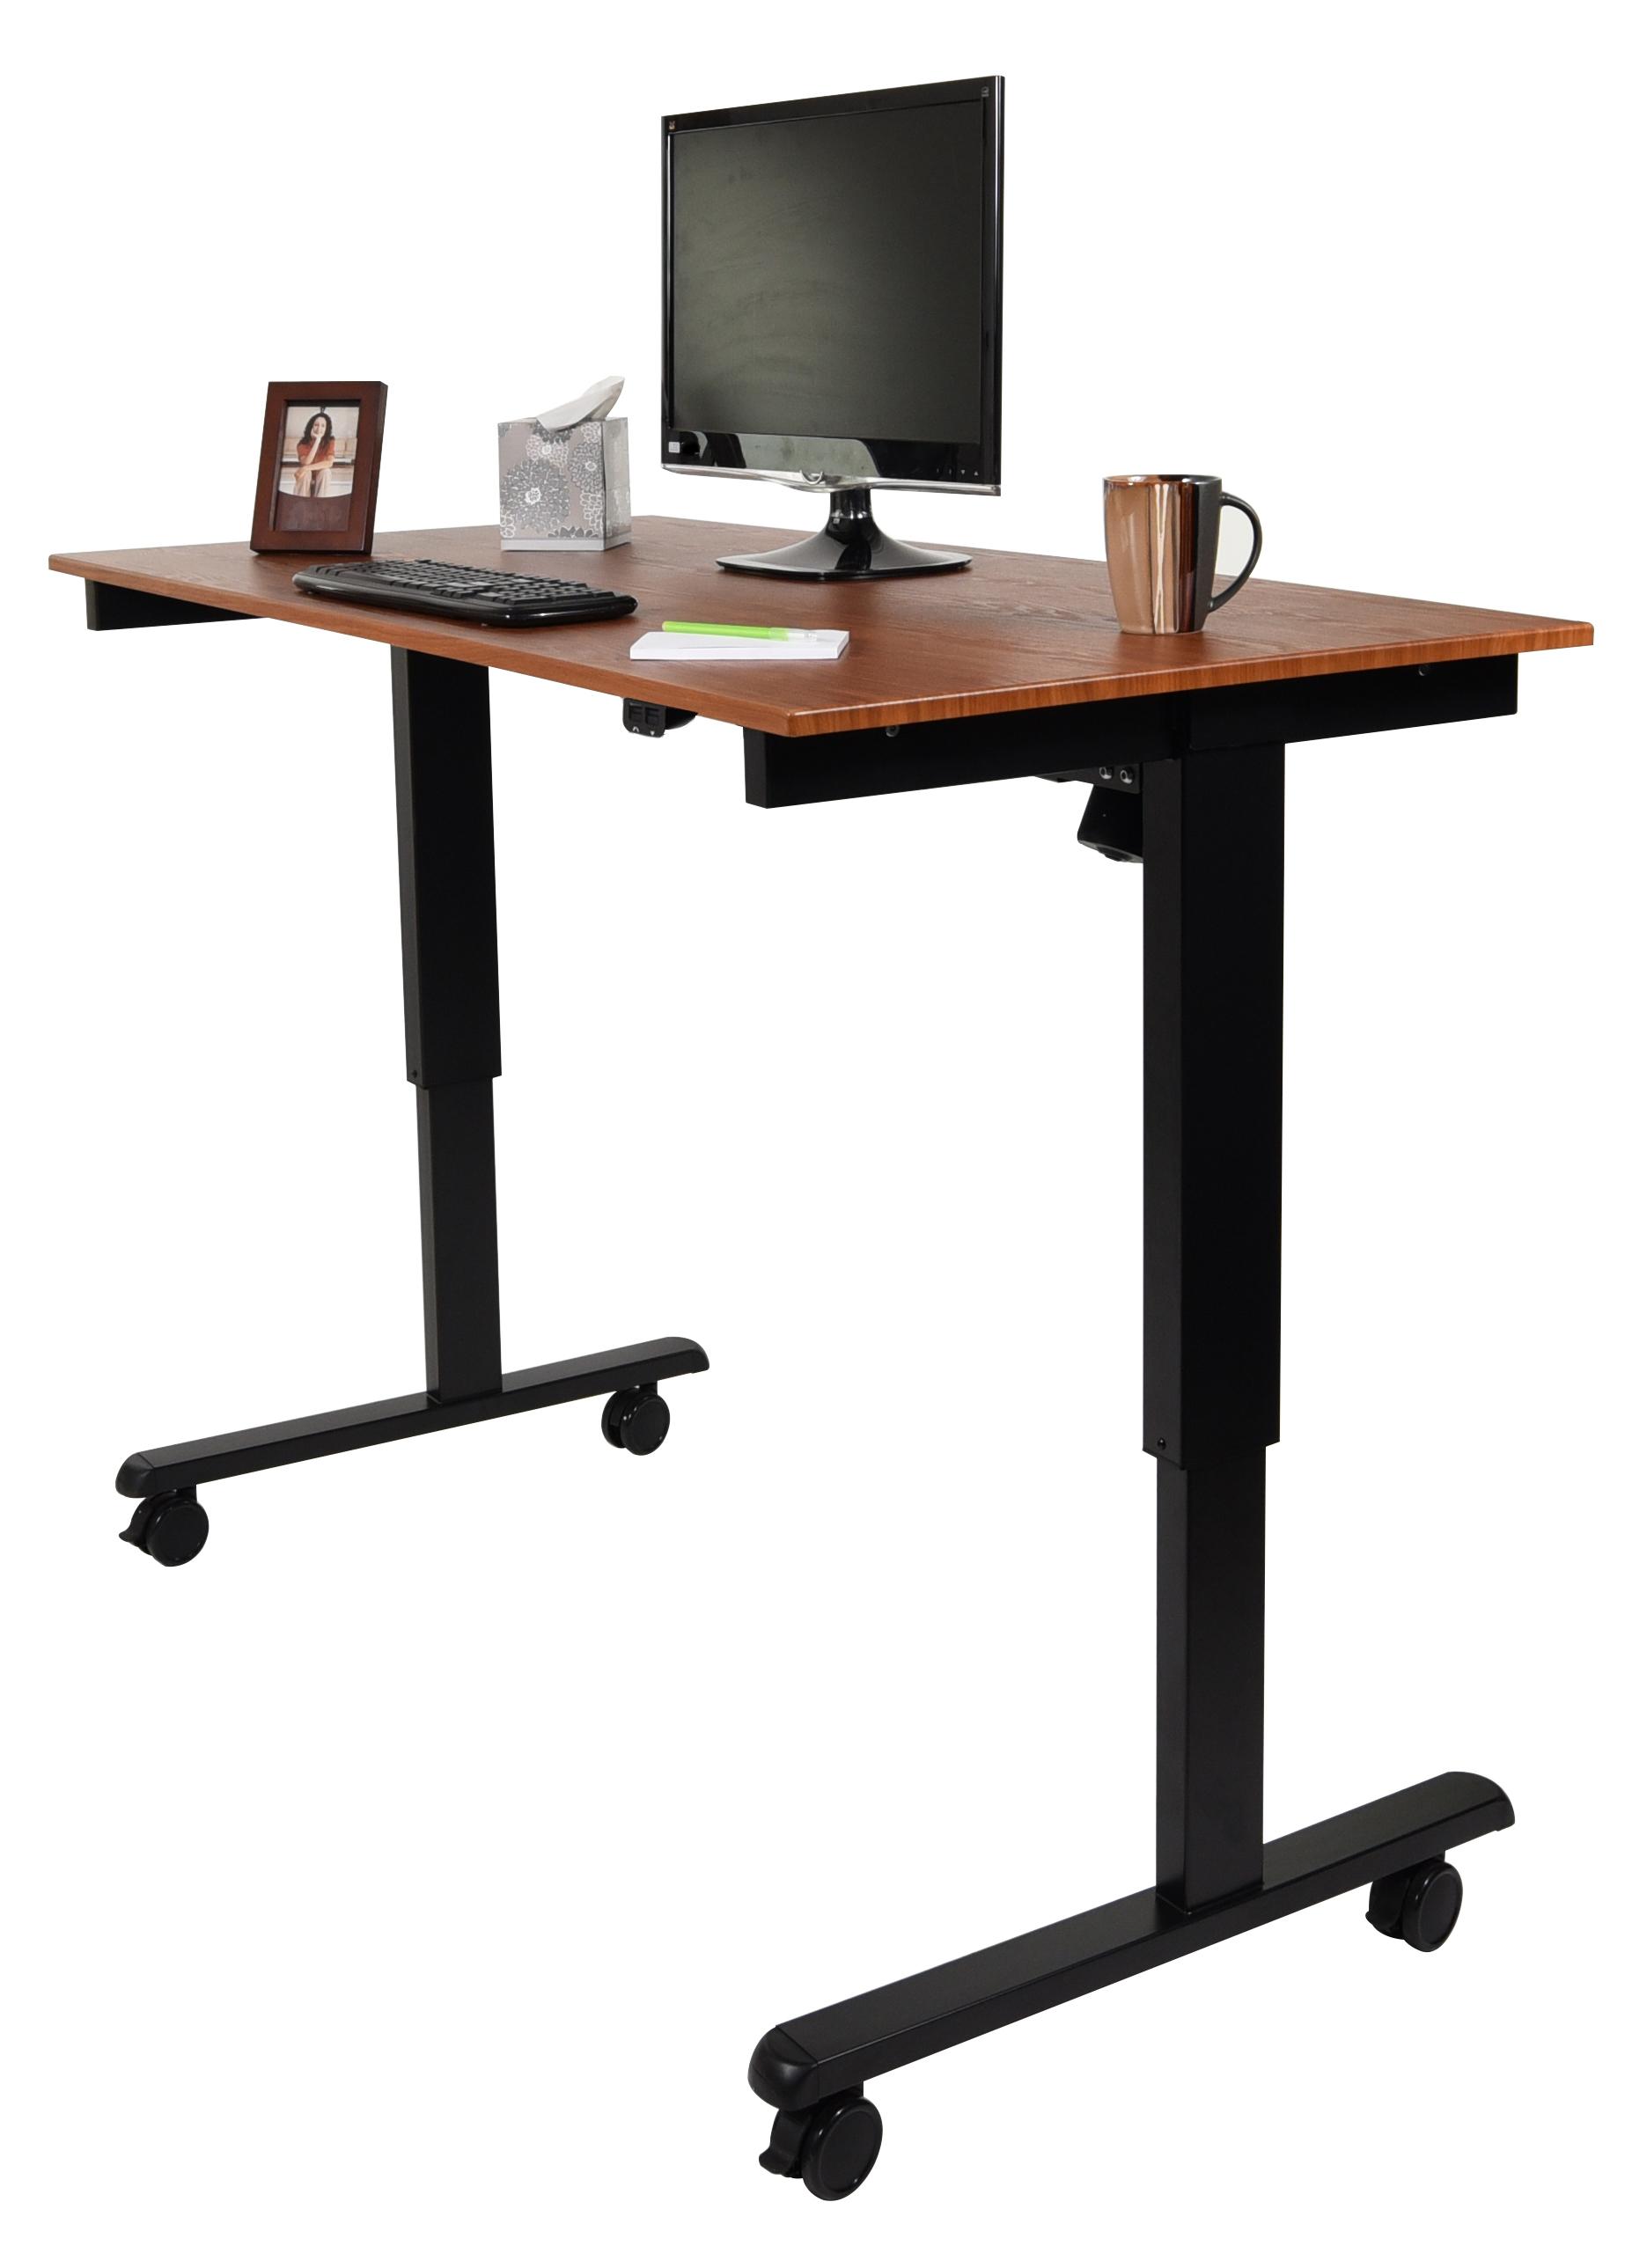 luxor 60 electric standing desk. Black Bedroom Furniture Sets. Home Design Ideas